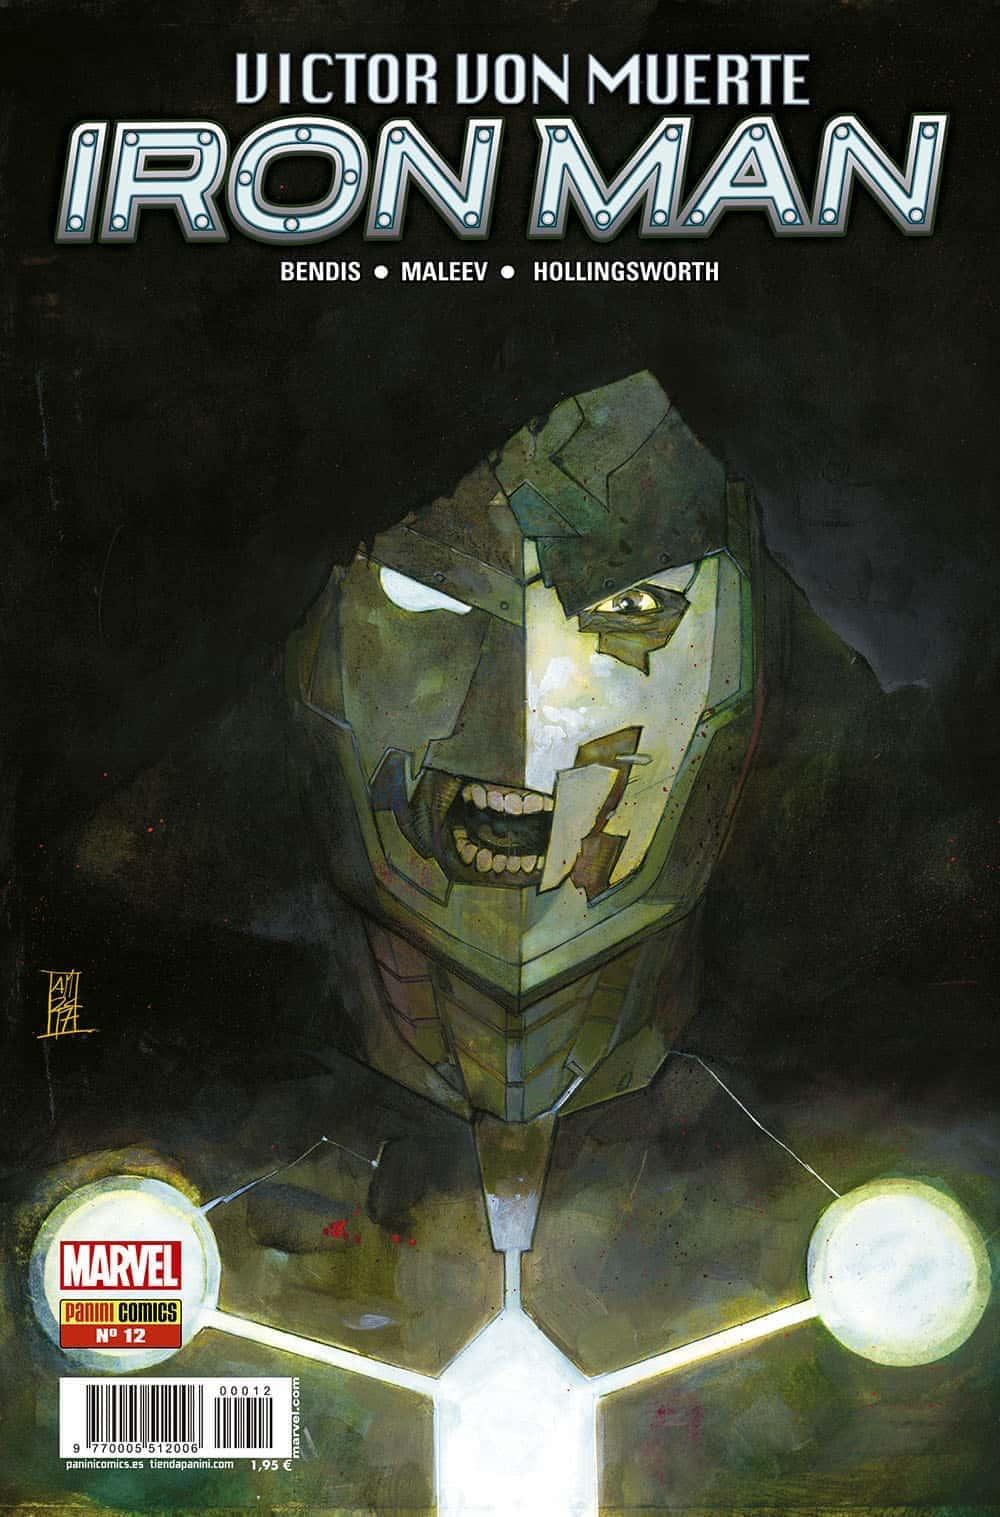 VICTOR VON MUERTE: IRON MAN 12